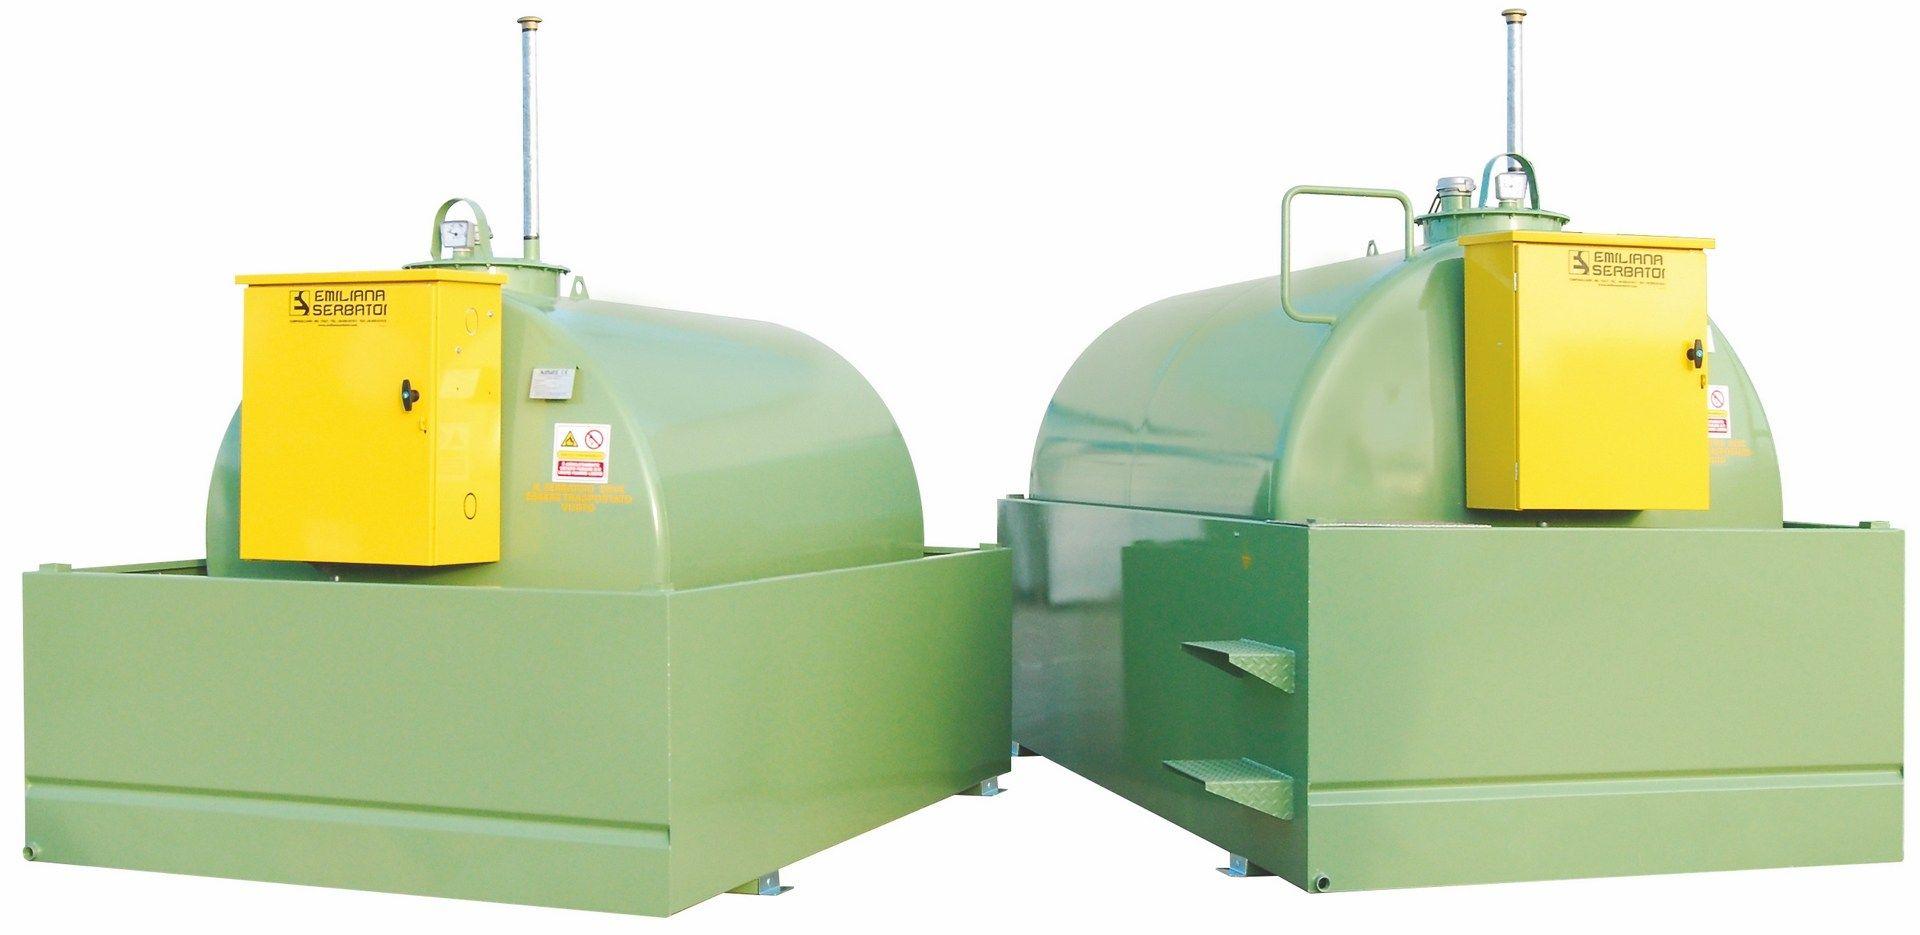 Emiliana Serbatoi presenta i Tank Fuel con bacino di contenimento al 110%